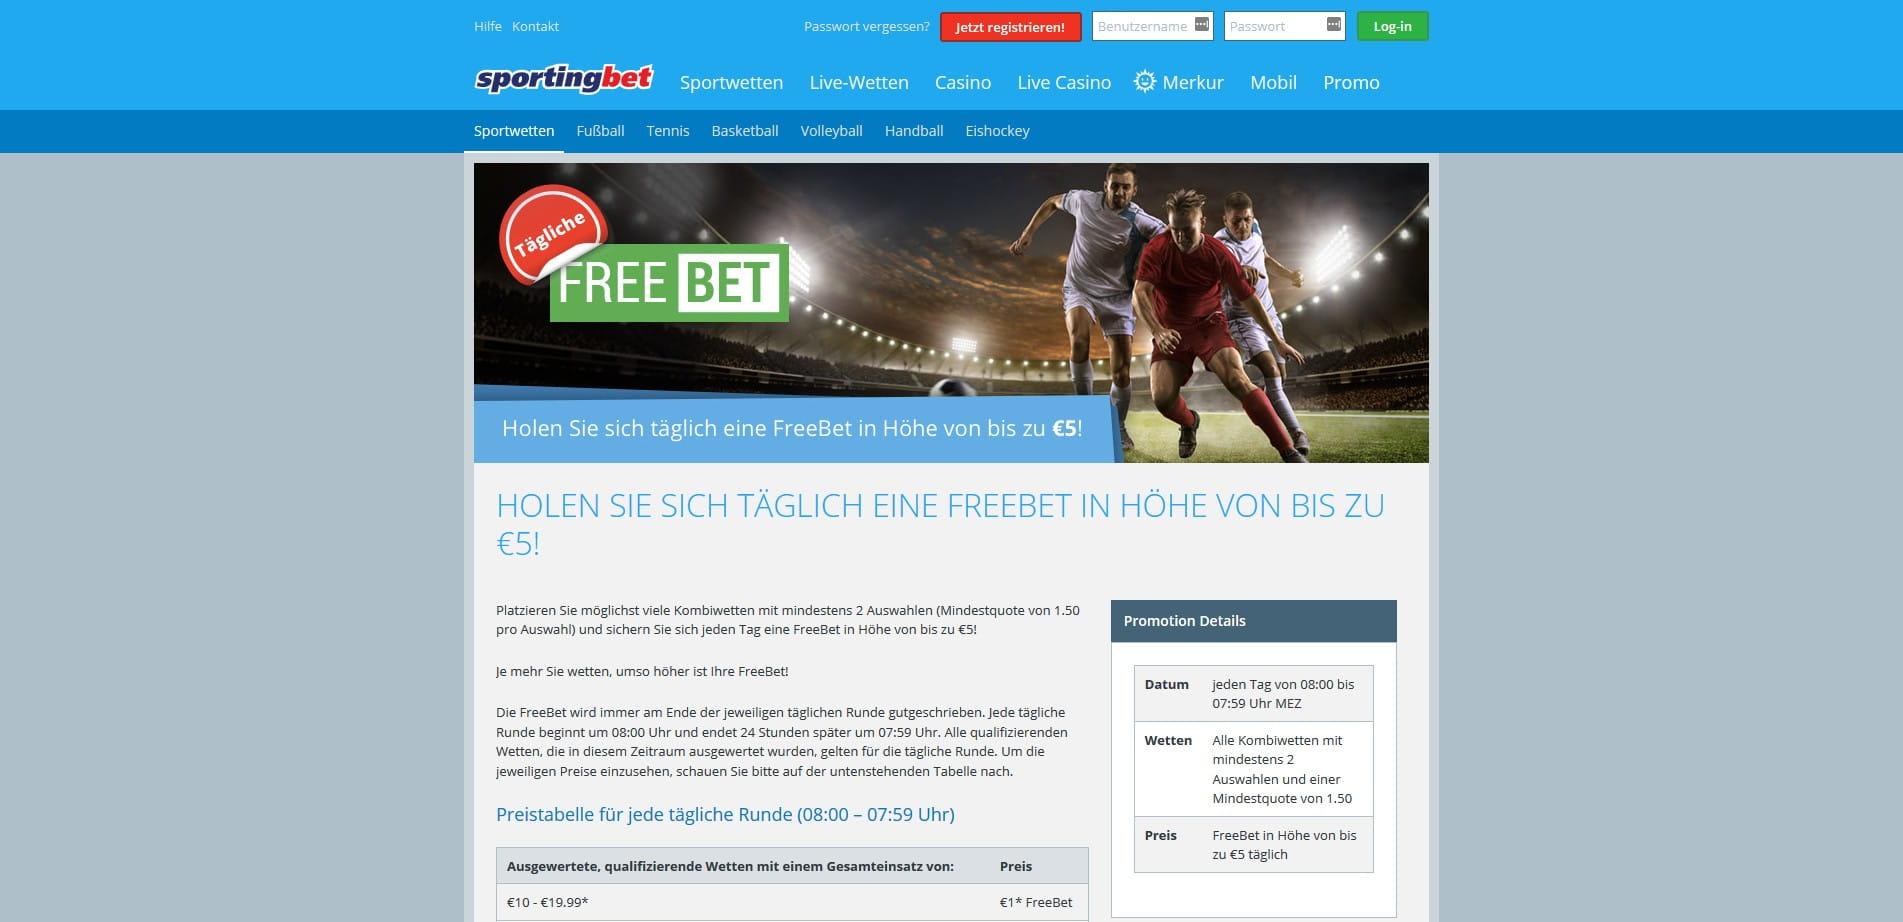 5 euros bingoUniversal bet sport 818151